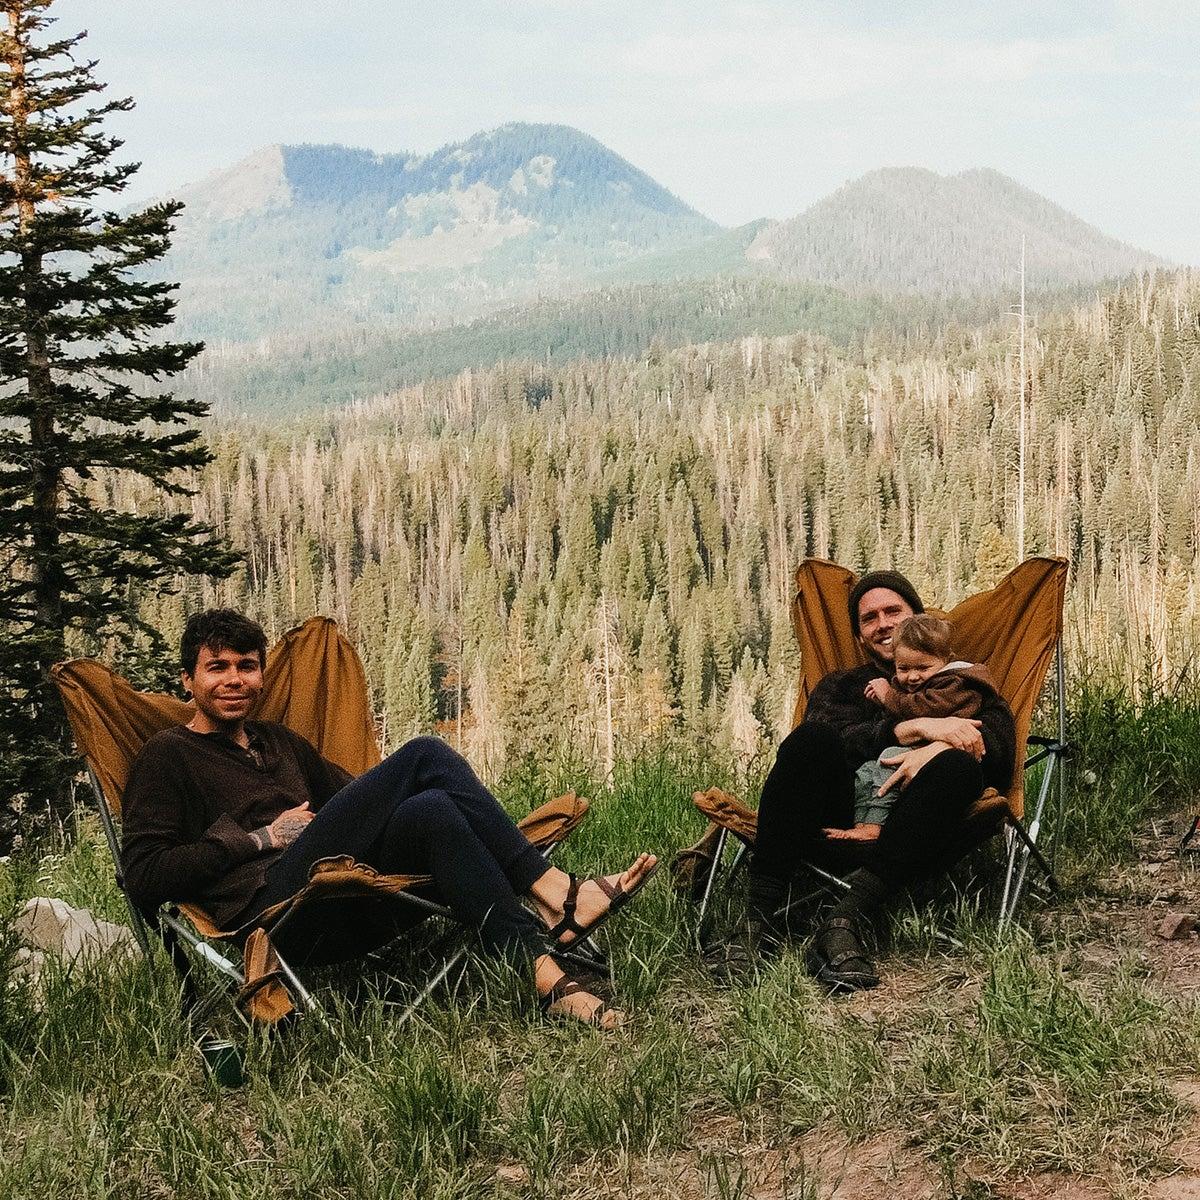 The Durt Family on a hillside